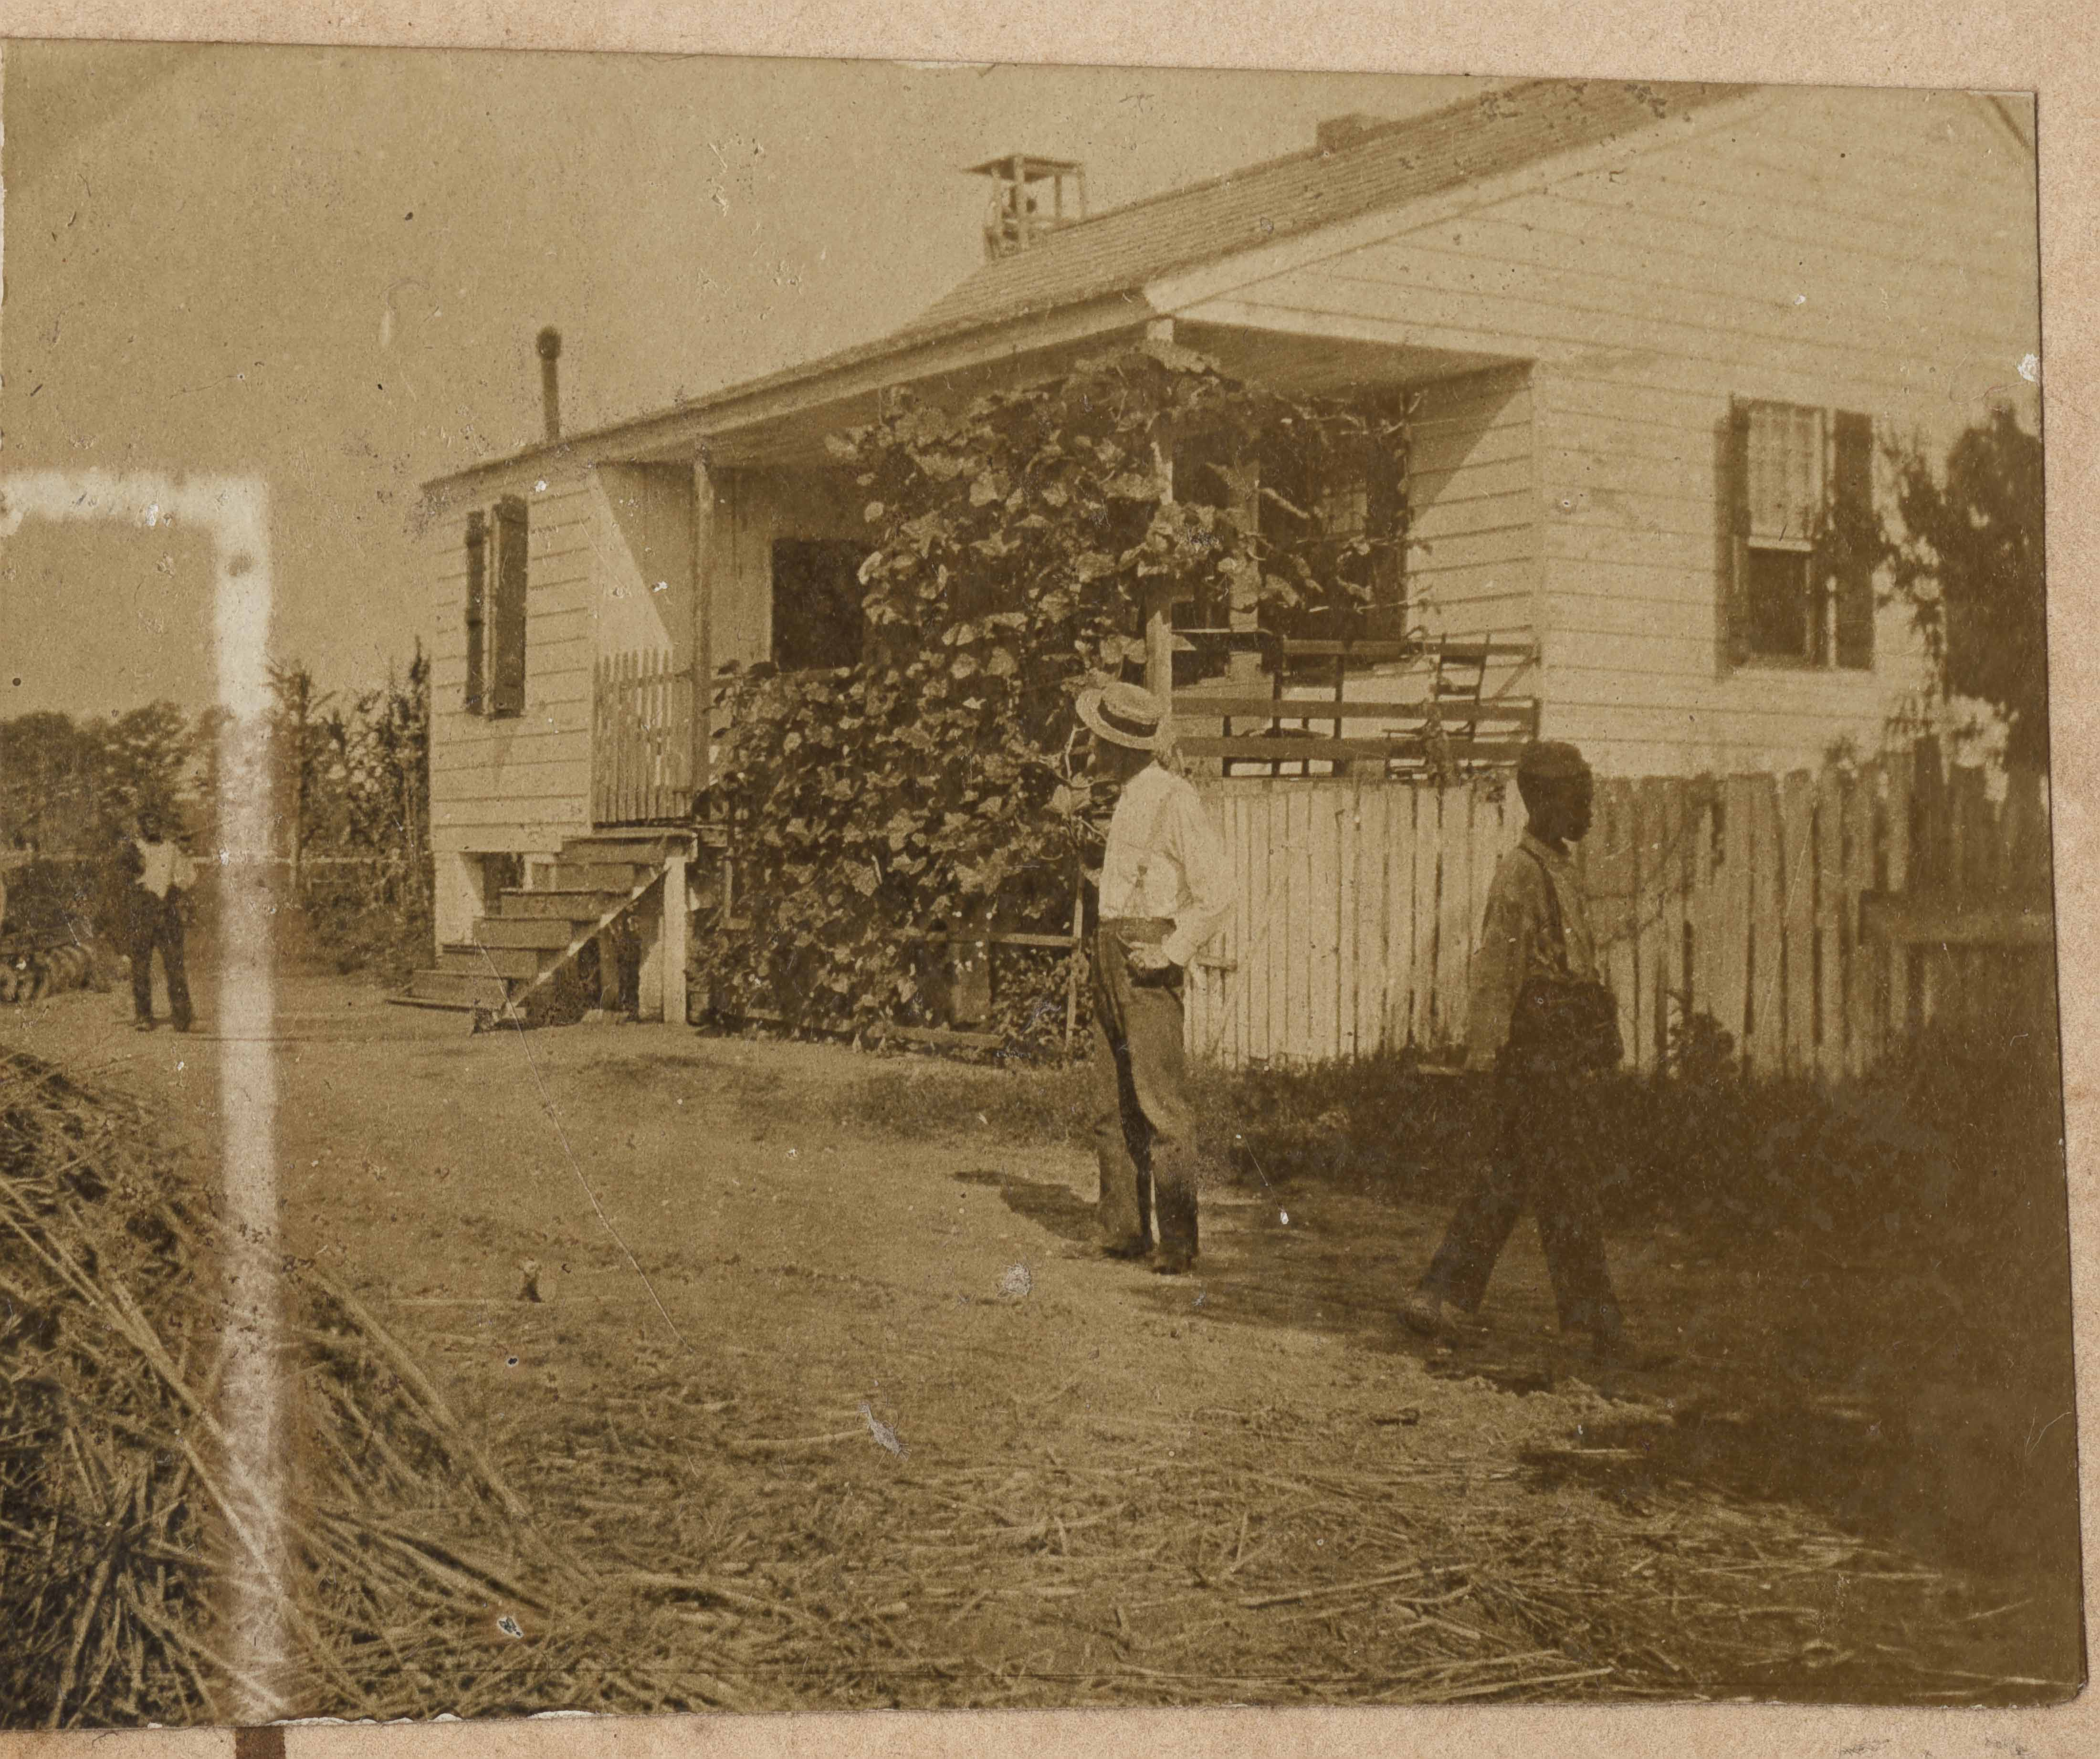 Man and boys near little house on Halls Island